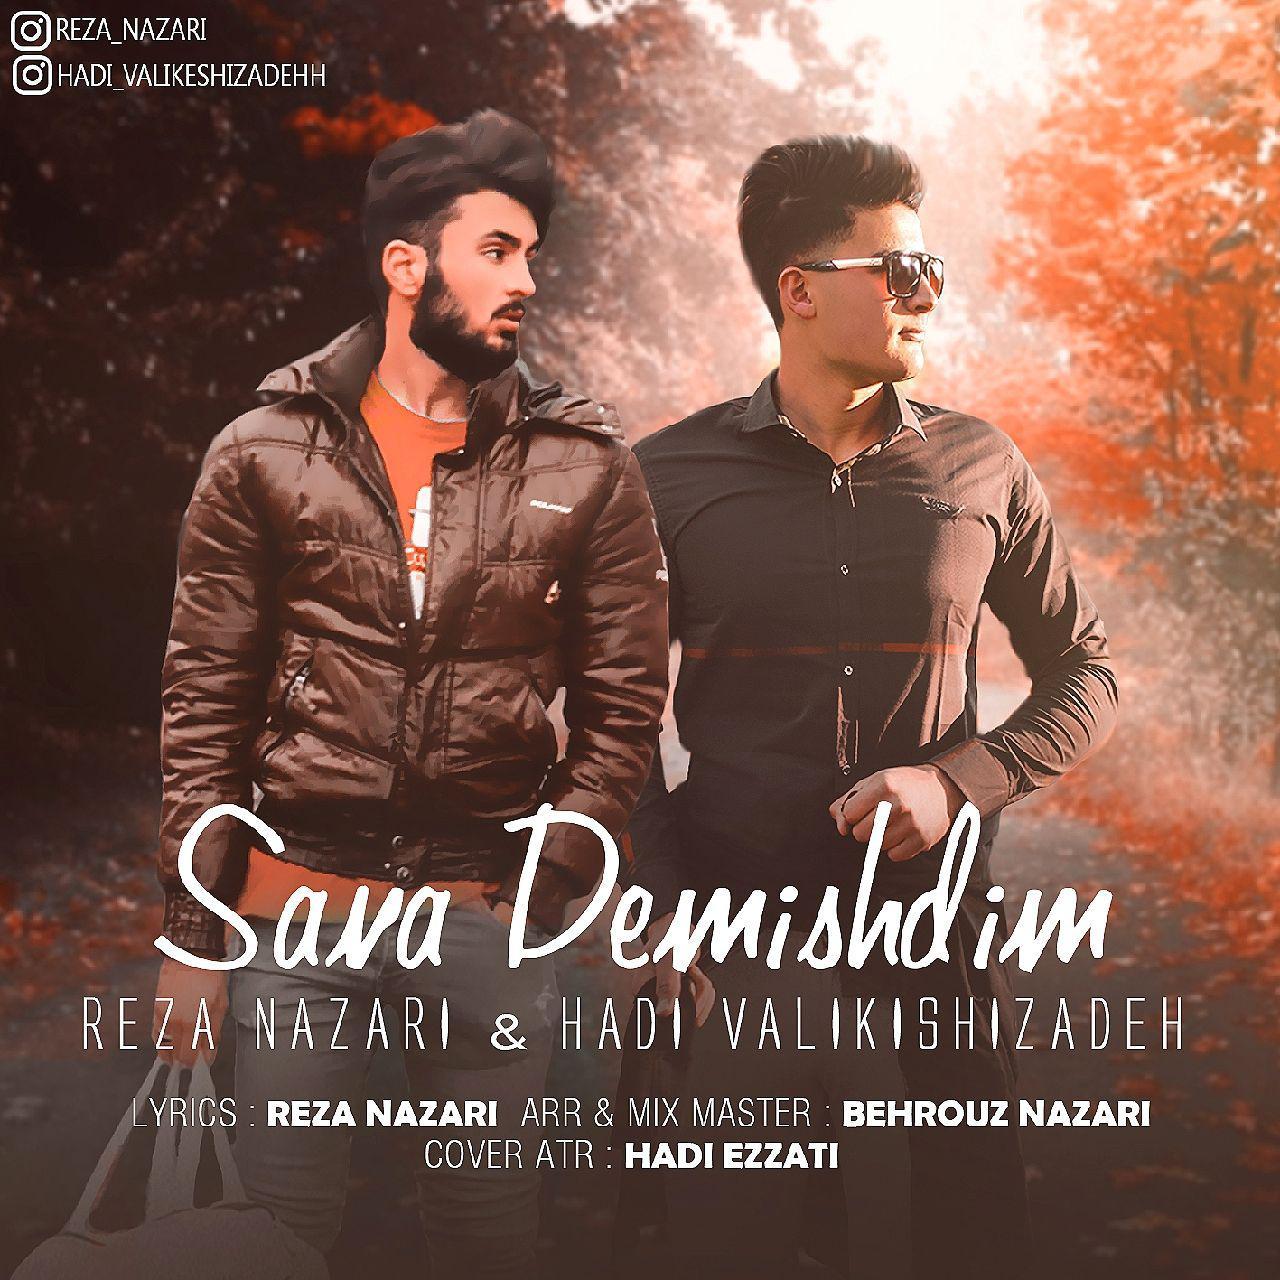 Reza Nazari & Hadi Valikishizadeh - Sana Demishdim